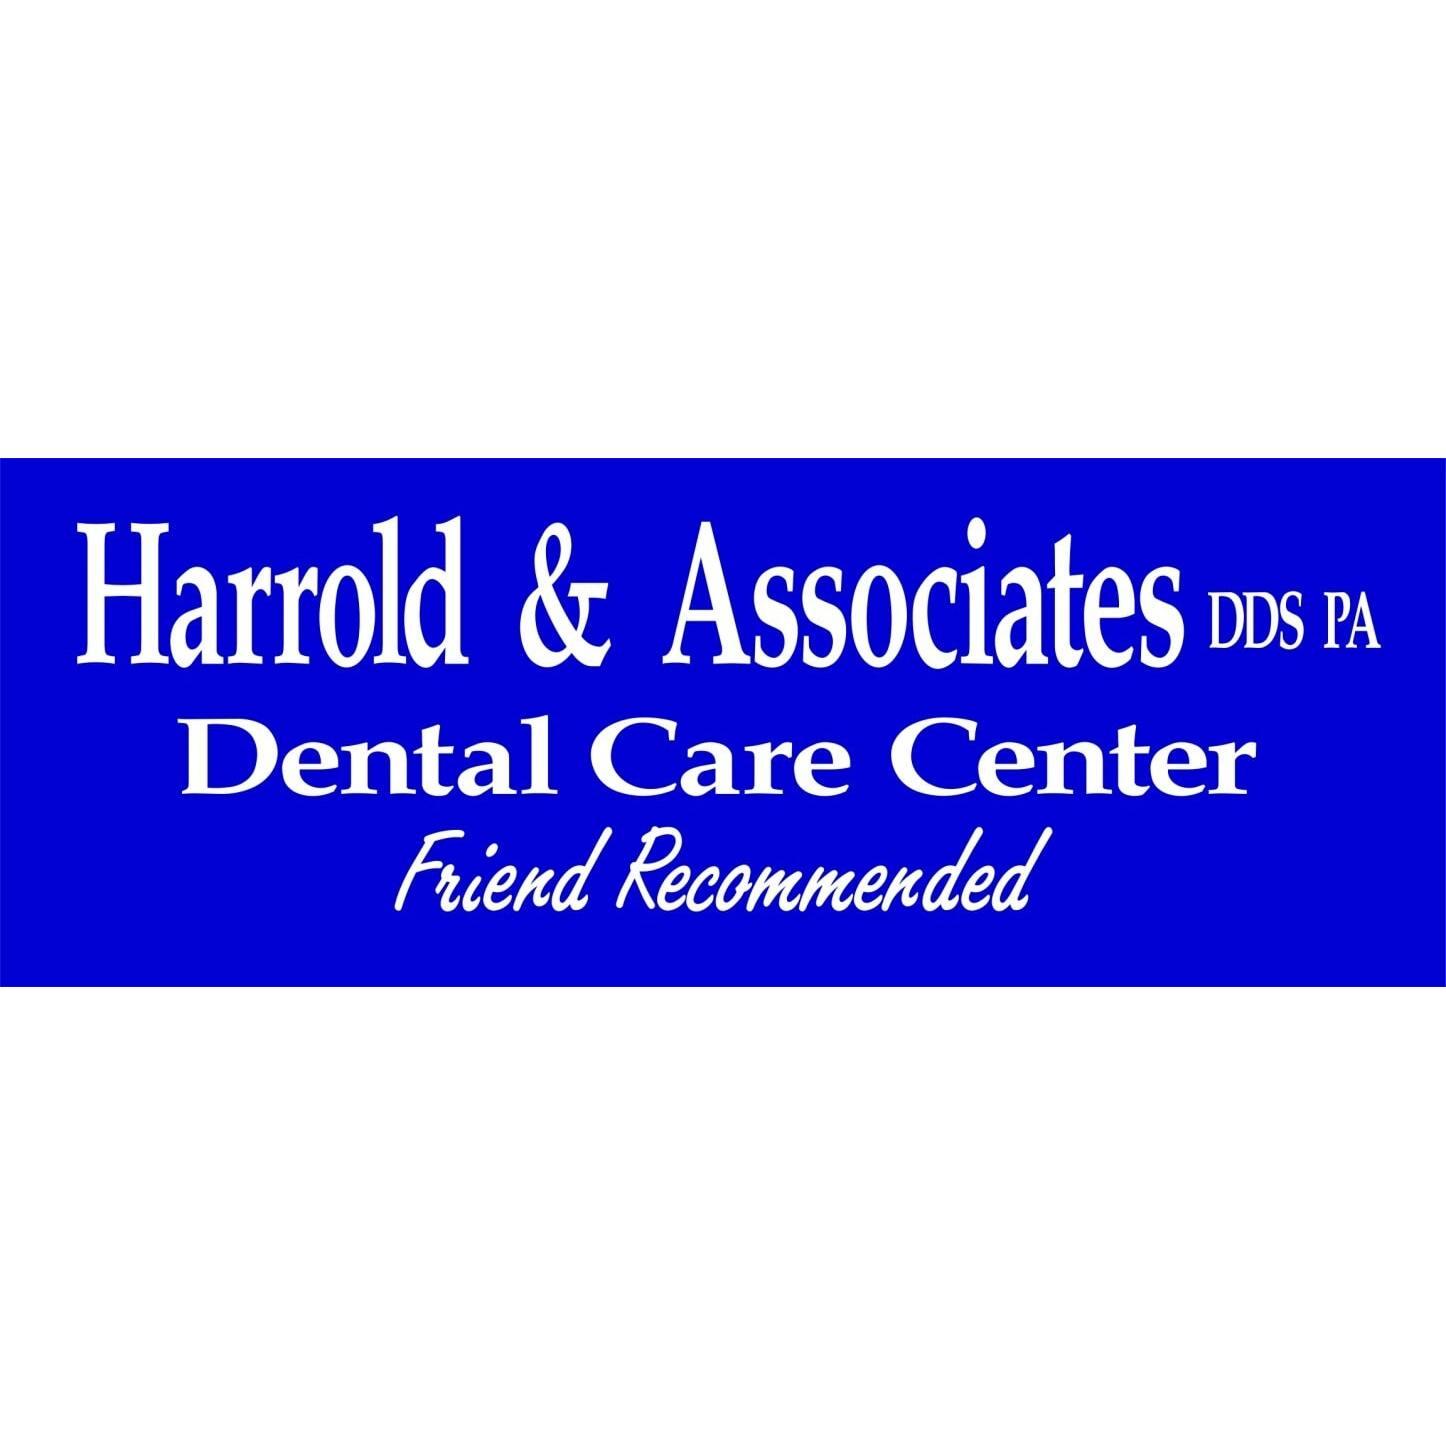 Harrold & Associates DDSPA Dental Care Center image 0